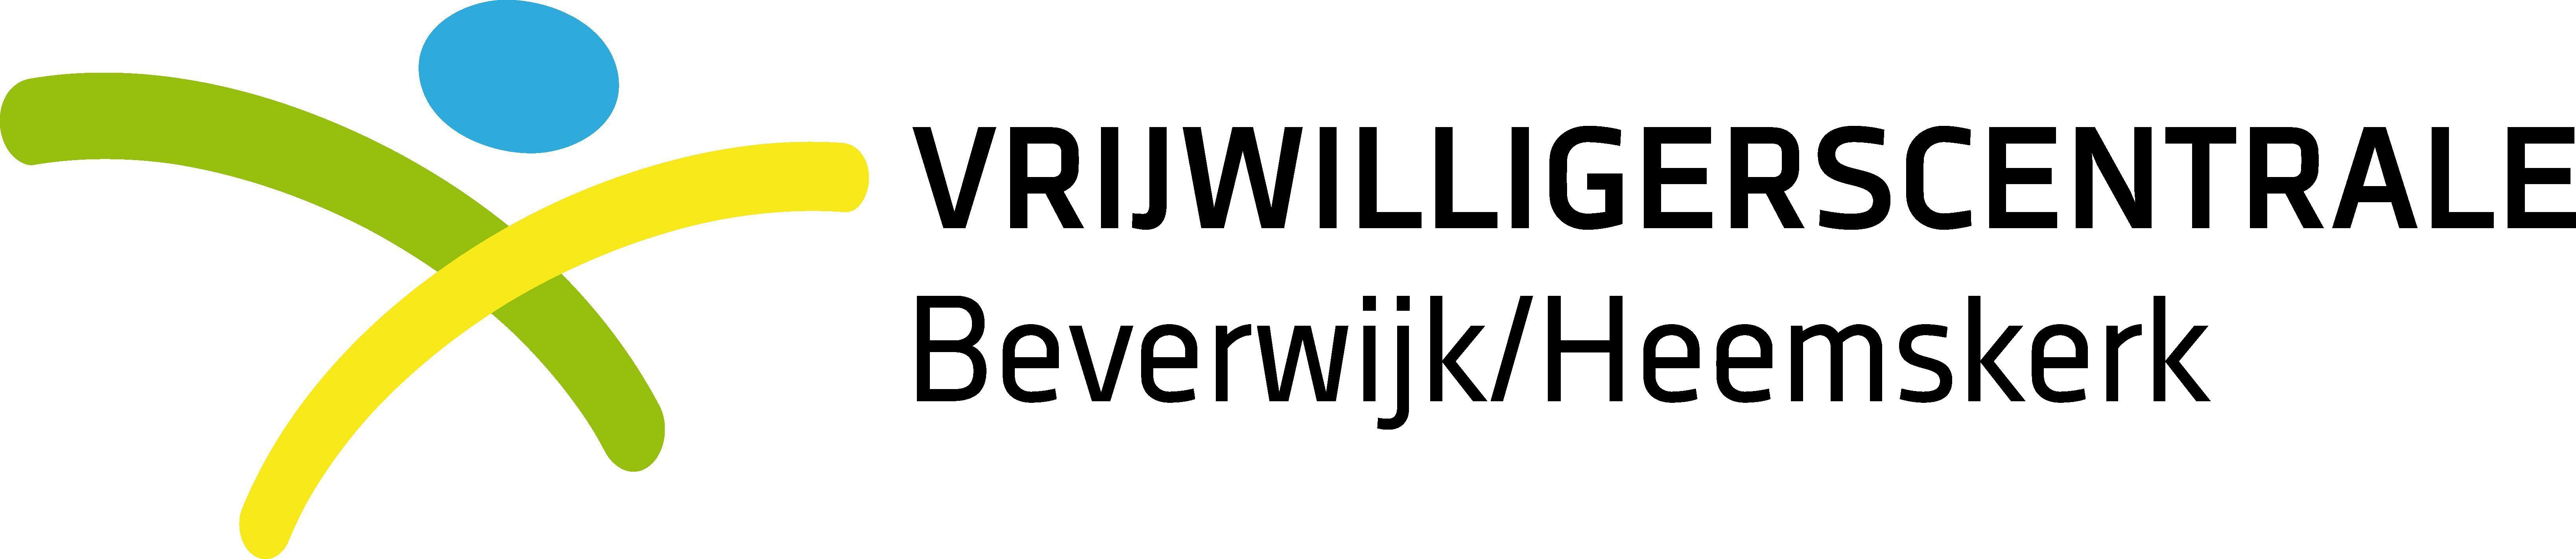 Vrijwilligerscentrale Beverwijk/Heemskerk